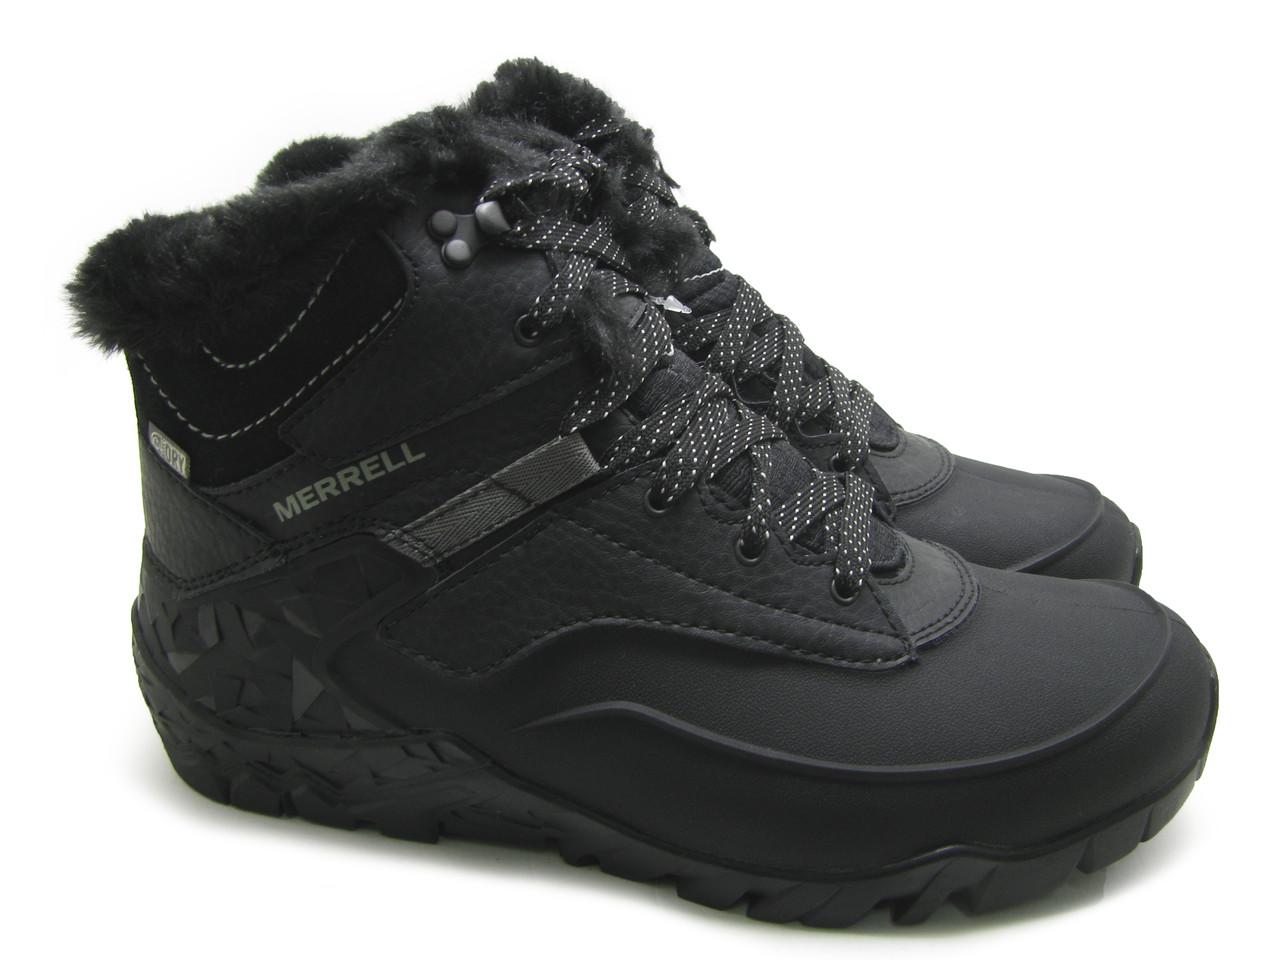 Ботинки женские Merrell  AURORA 6 ICE + WTPF